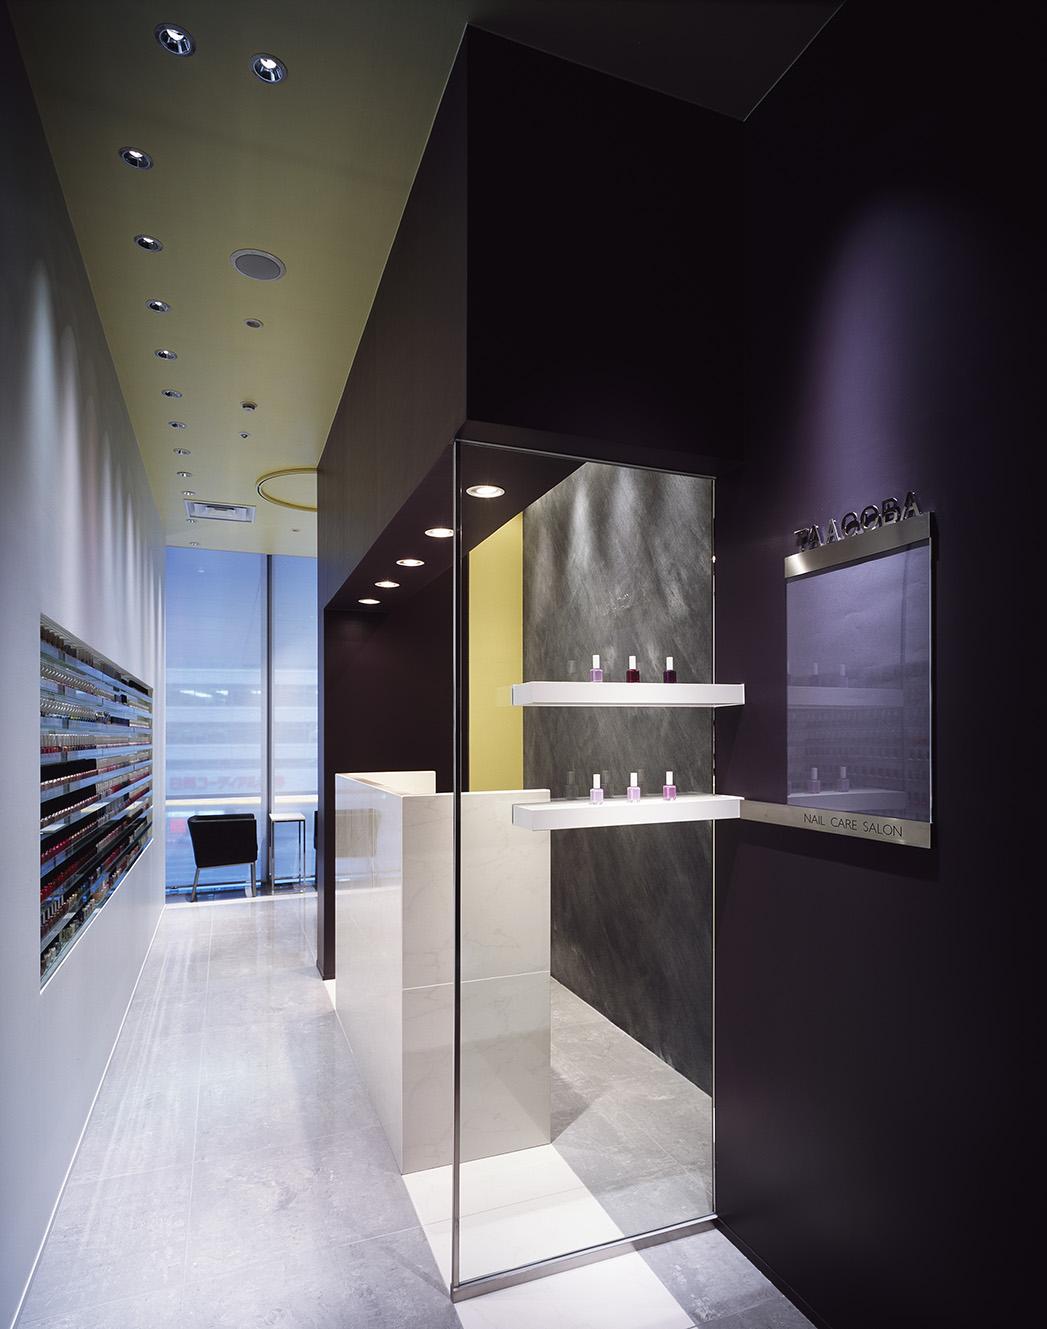 Nail care salon, TAACOBA Tokyo